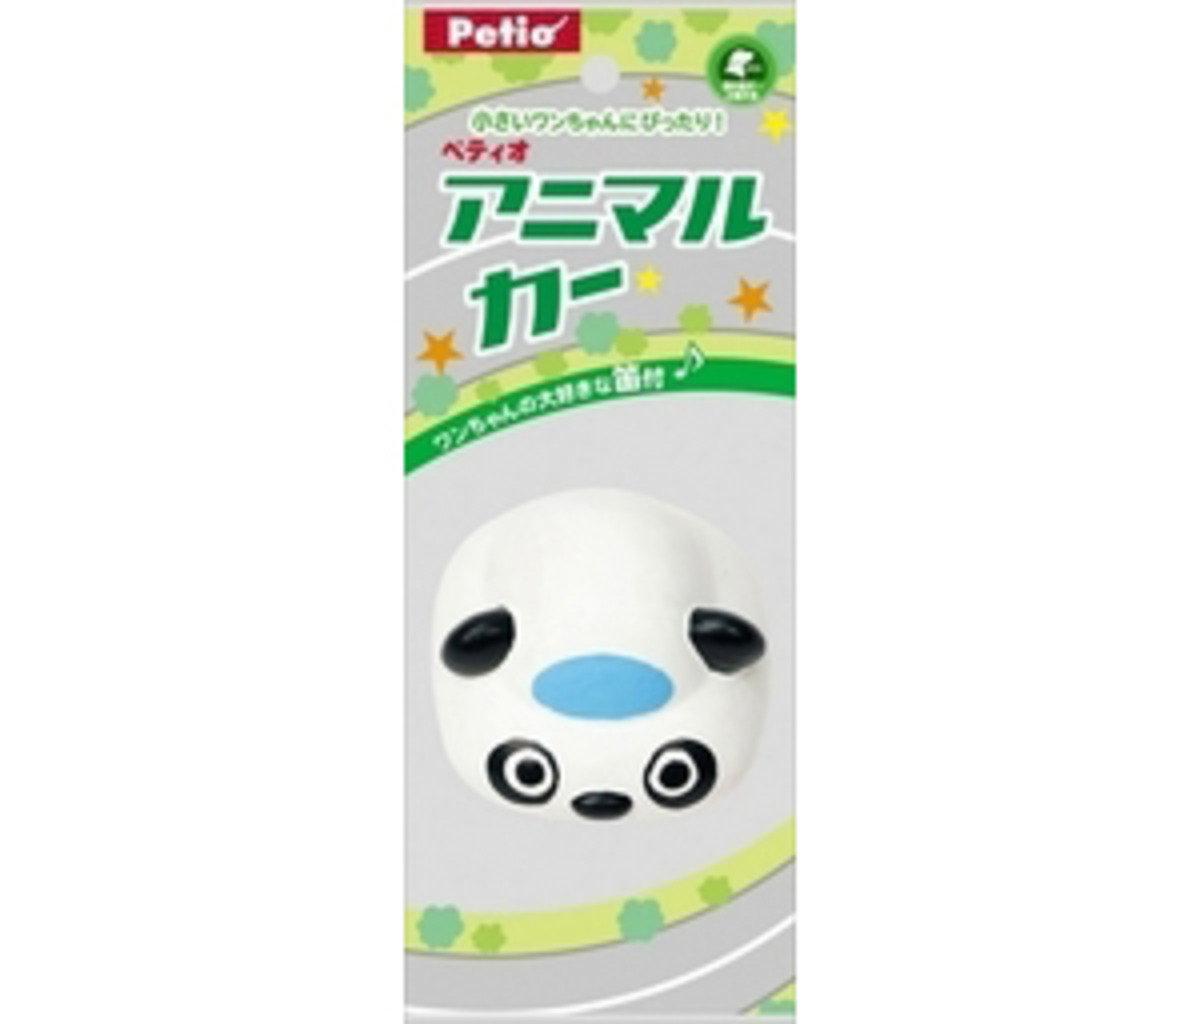 PO23424 日本 PETIO 發聲玩具 - 熊貓仔